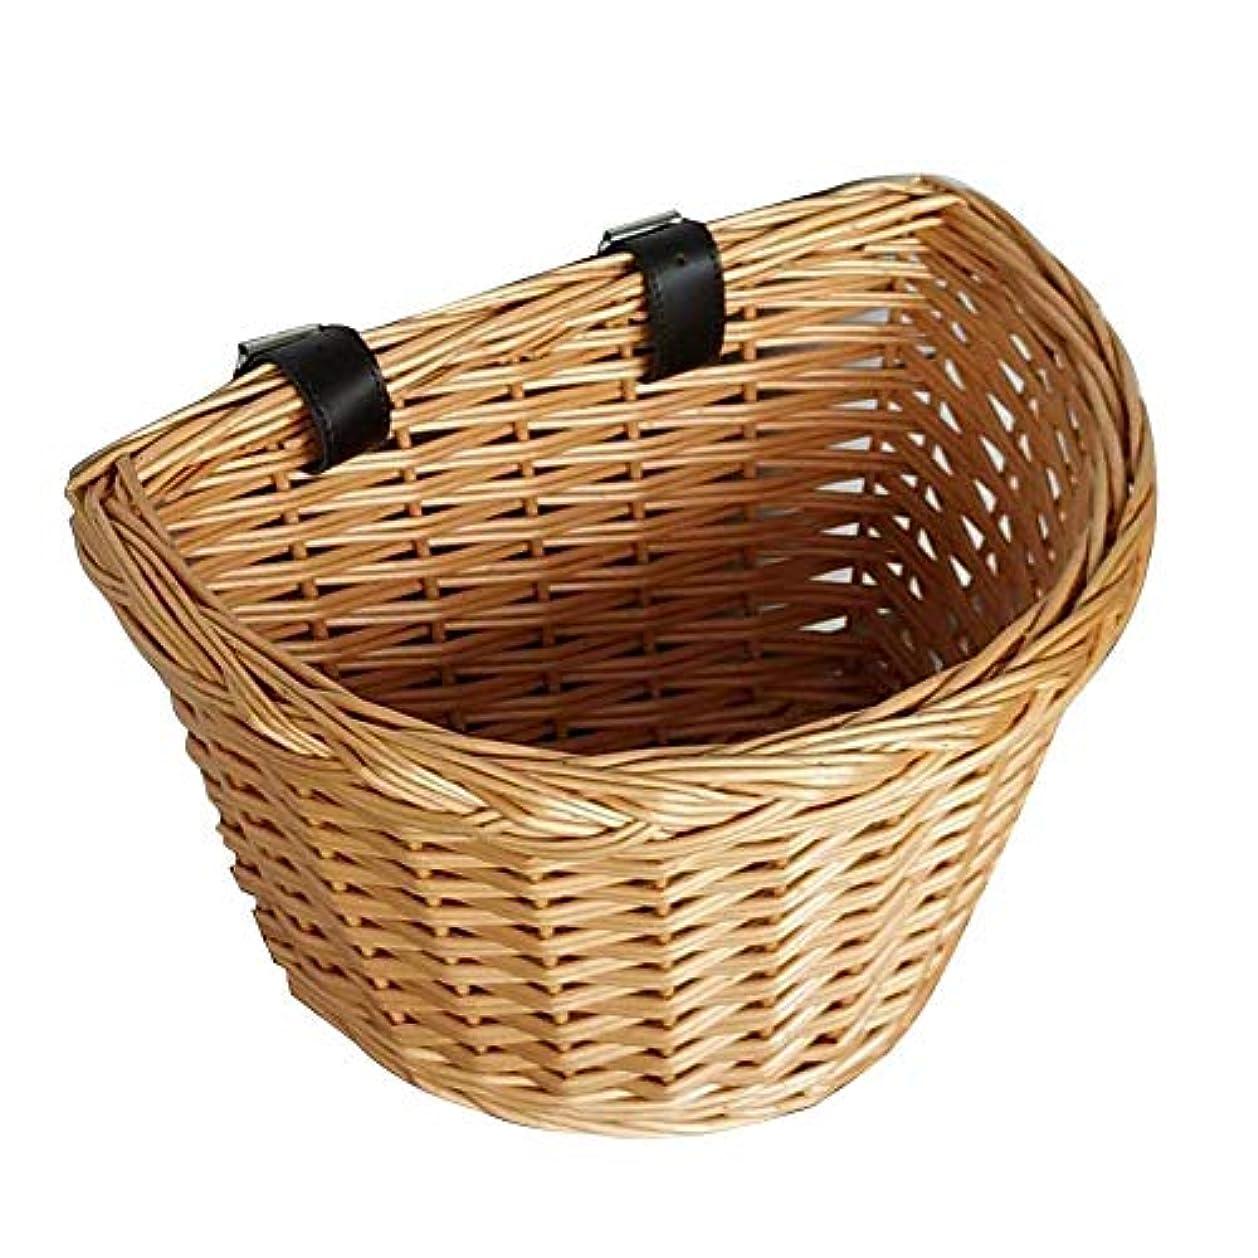 伝染性完璧な好きであるFECHO 自転車かご こども フロント用 籐 前かご 籐風バスケット 自転車バスケット オシャレ 取り付けが簡単 工具不要 通学 子供自転車用